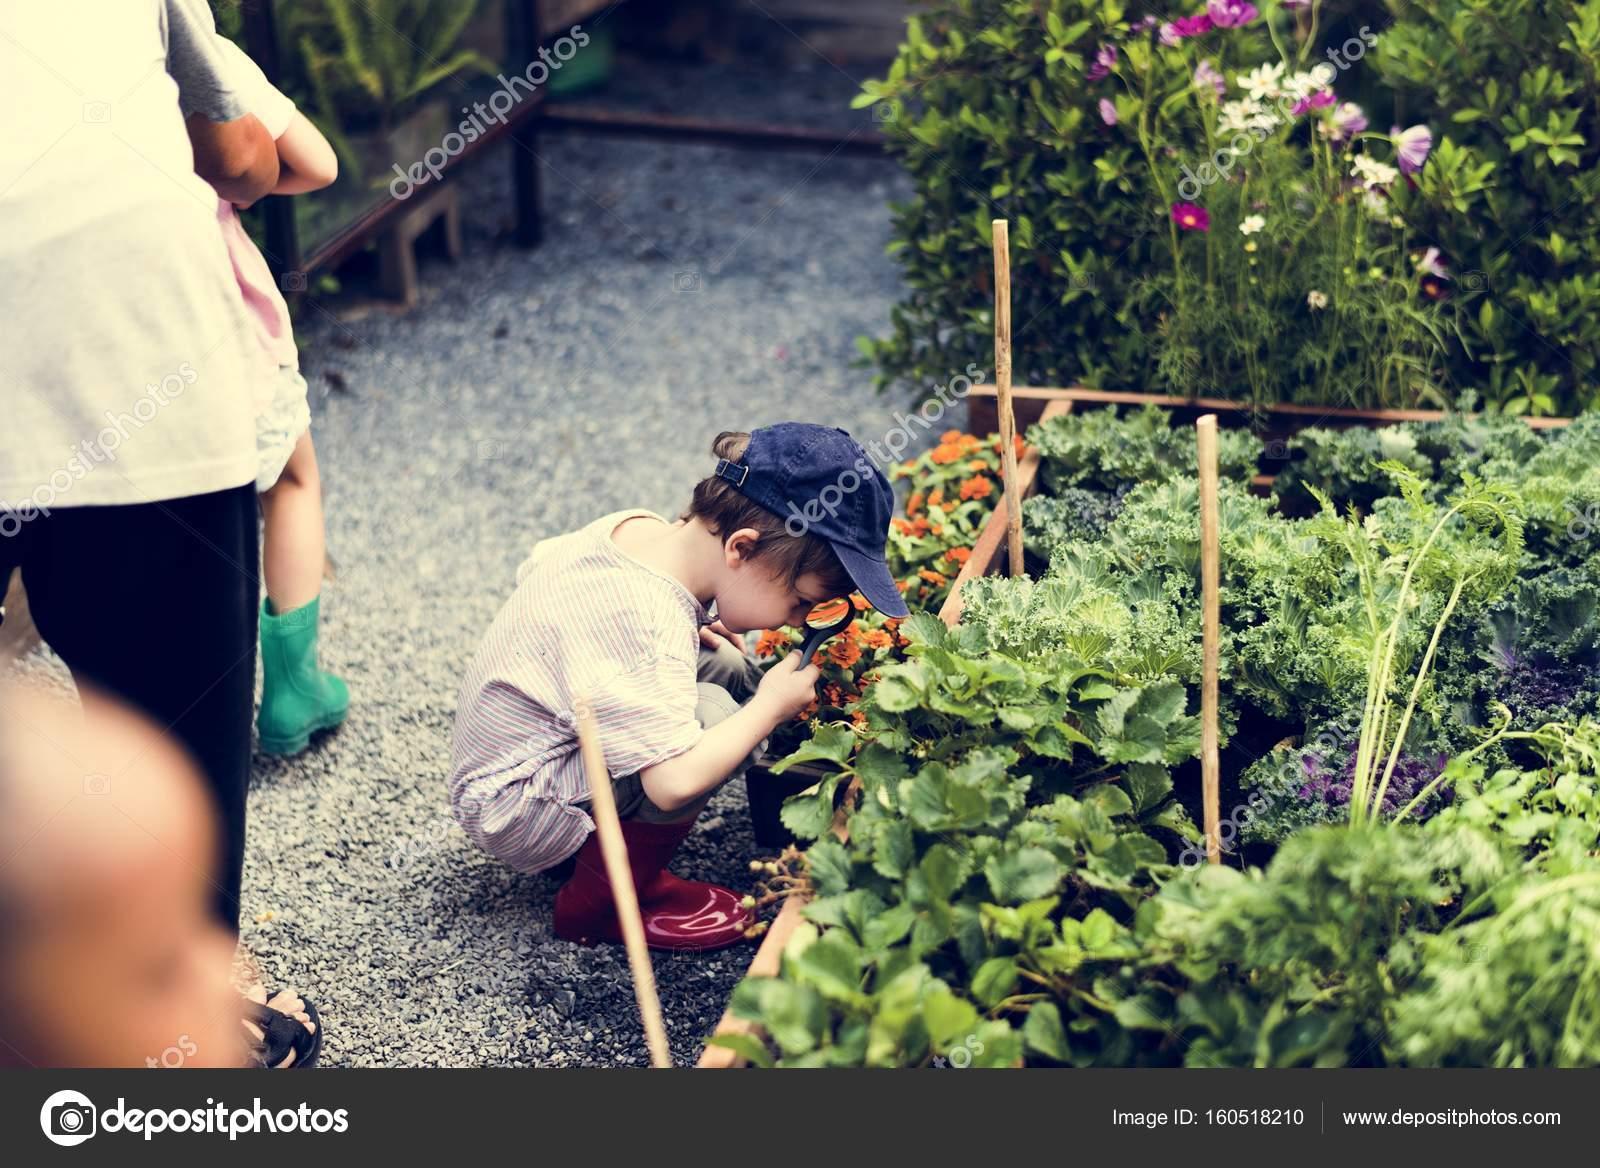 Kind is het gebruik van vergrootglas u2014 stockfoto © rawpixel #160518210